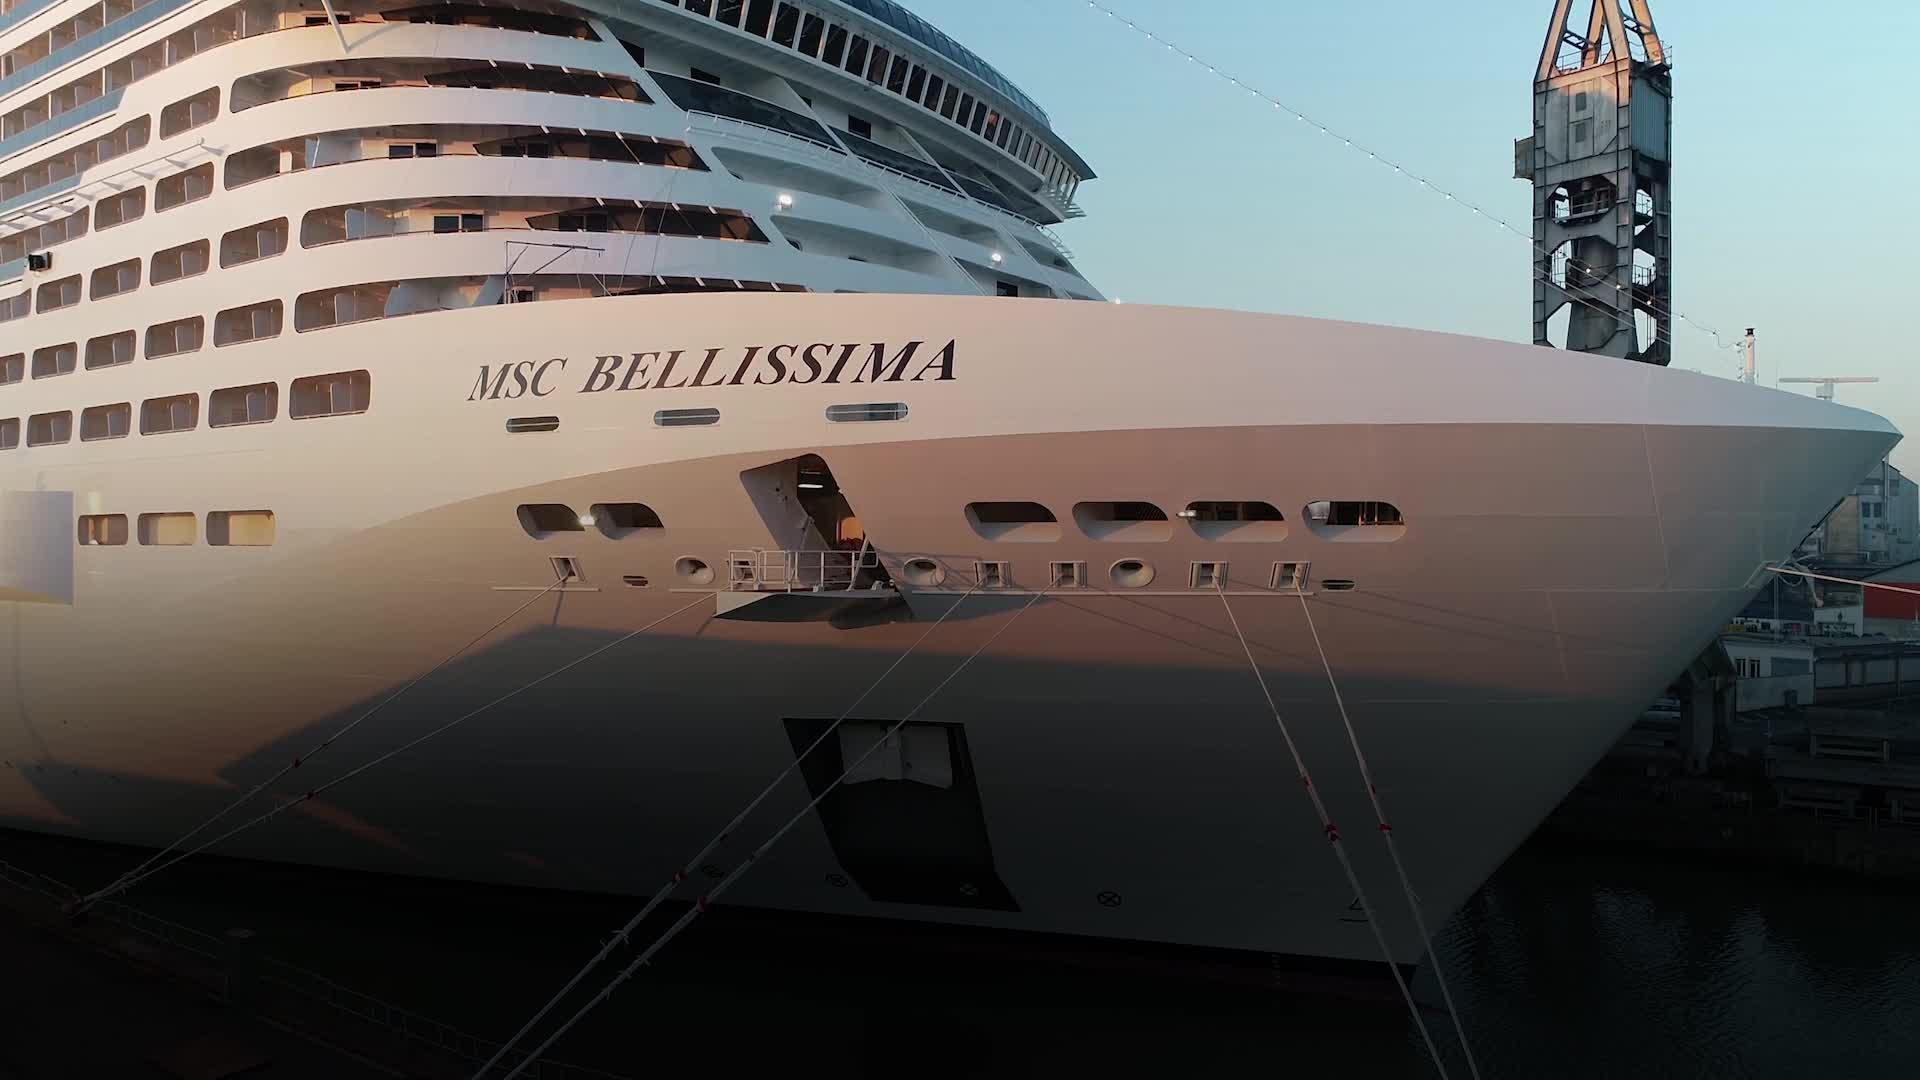 On-board the MSC Bellissima